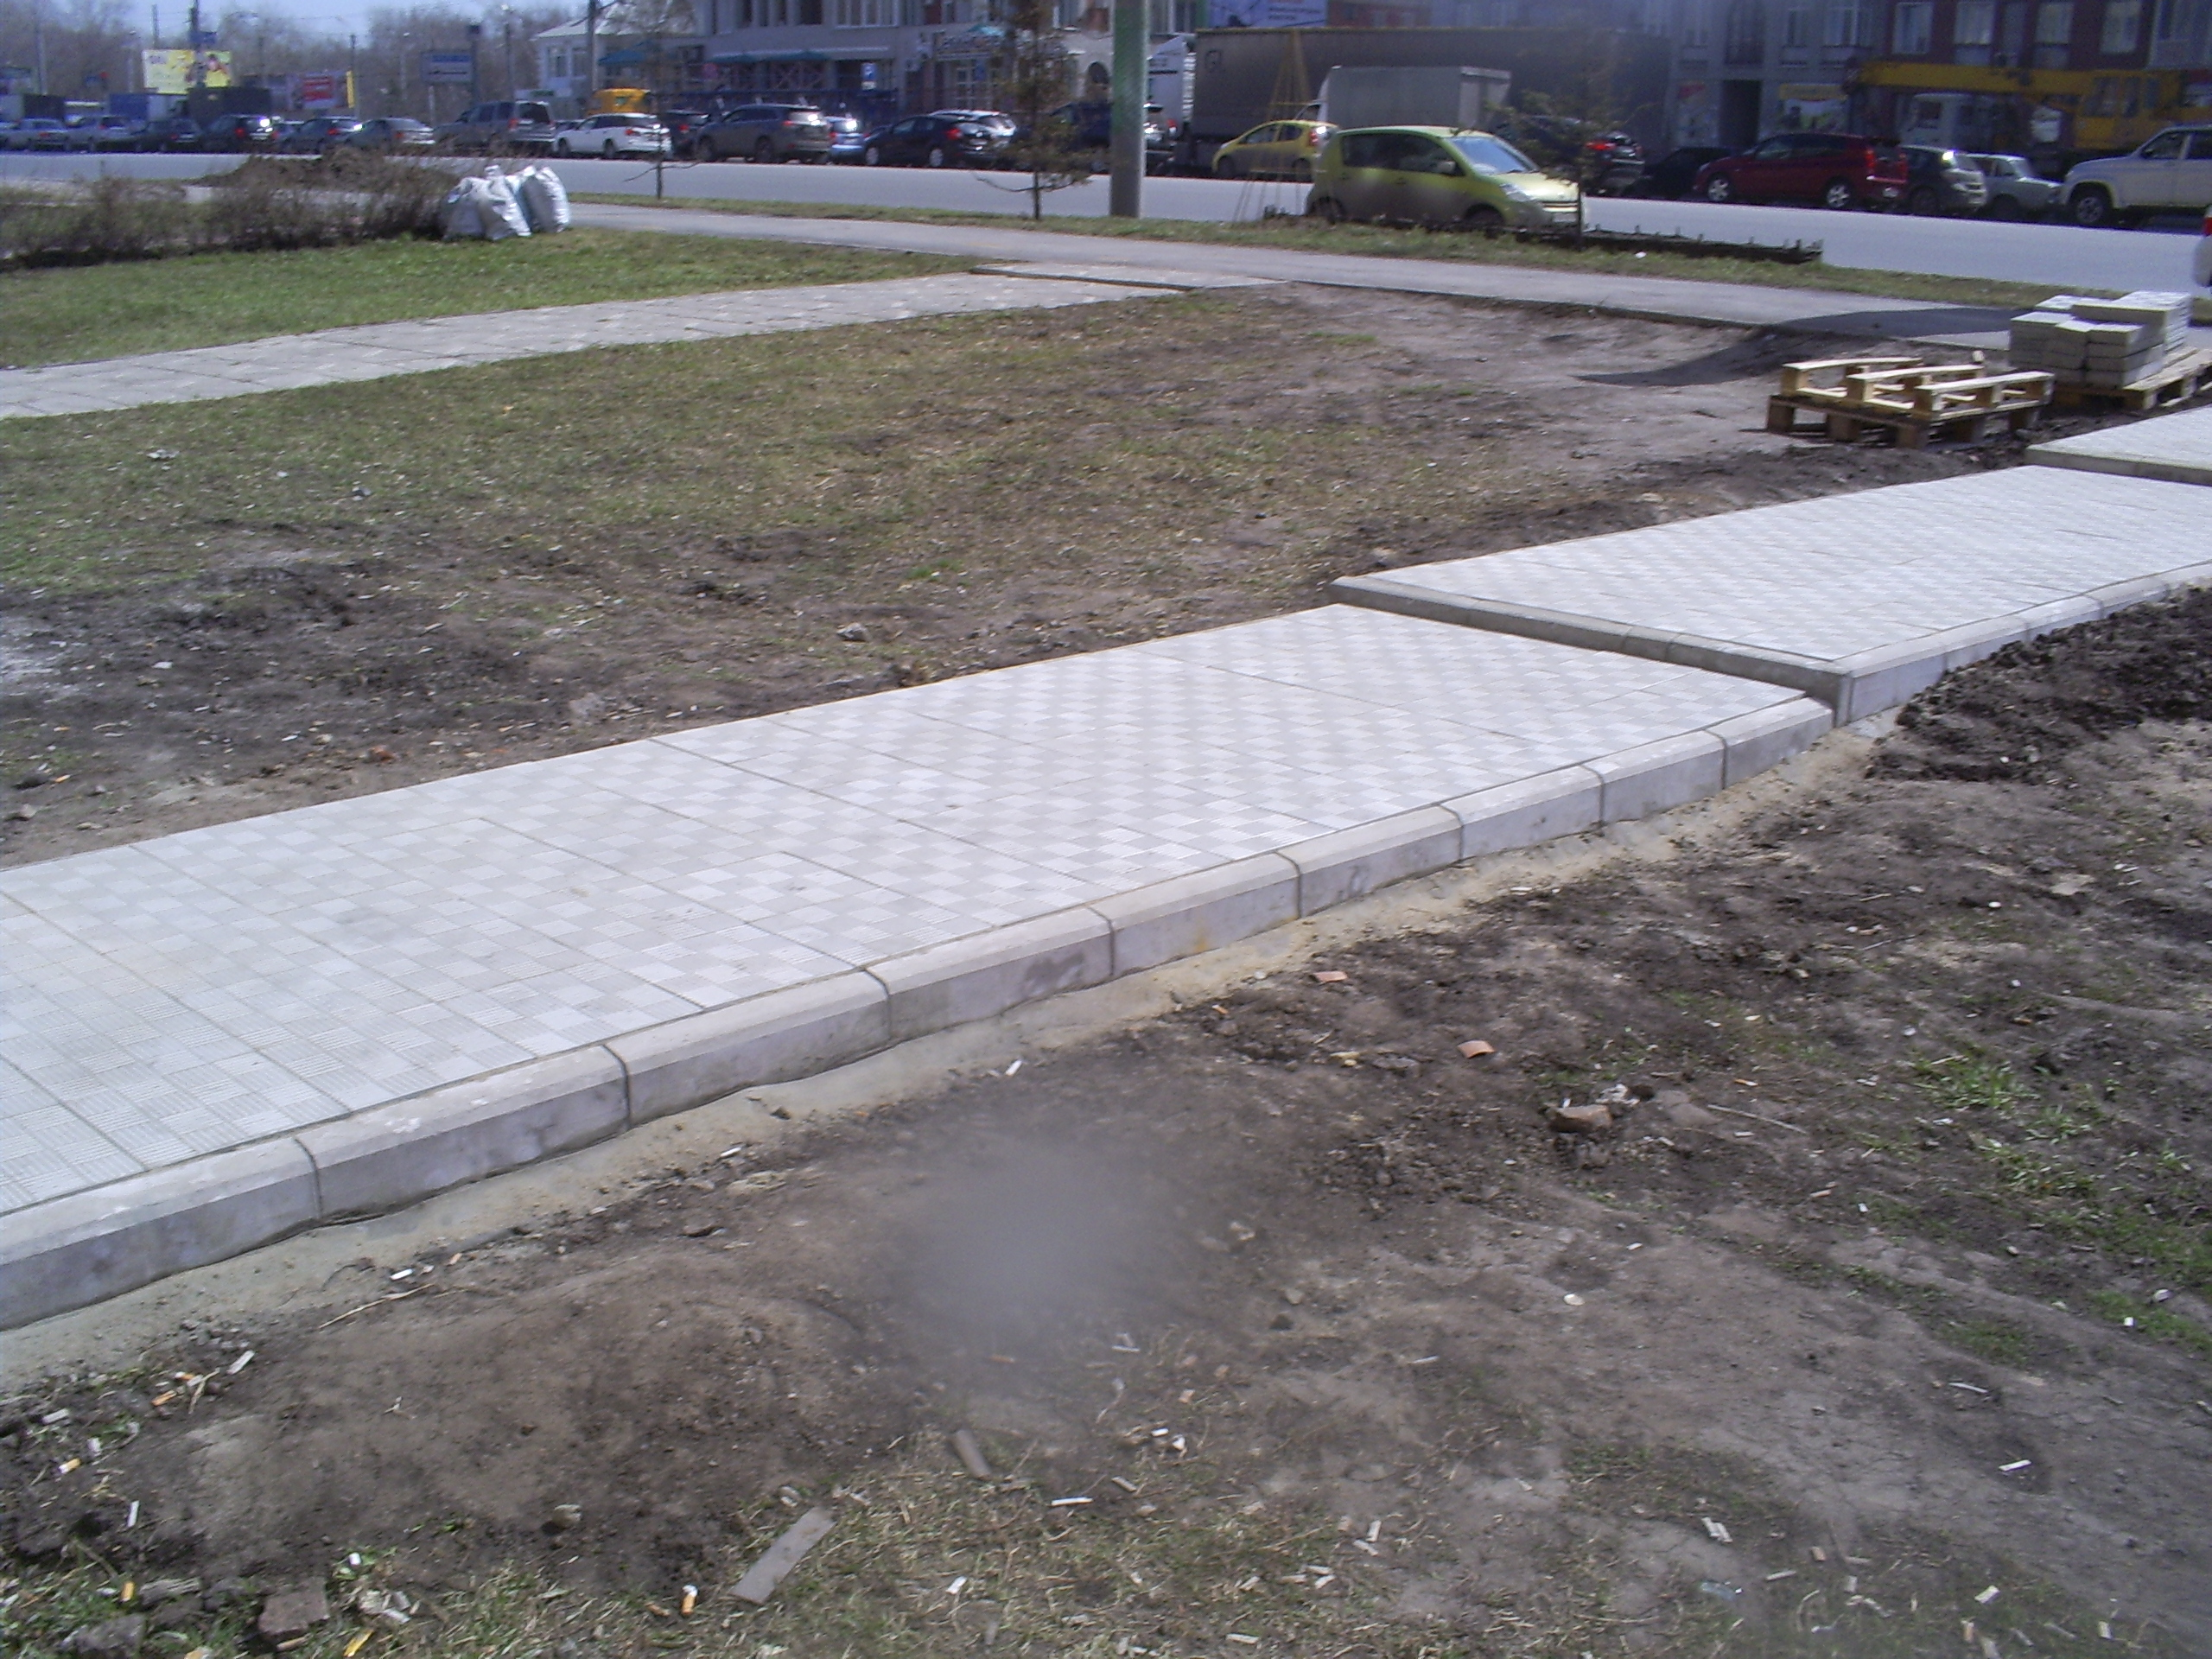 http://plitka-omsk55.ru/images/upload/S5031157.JPG